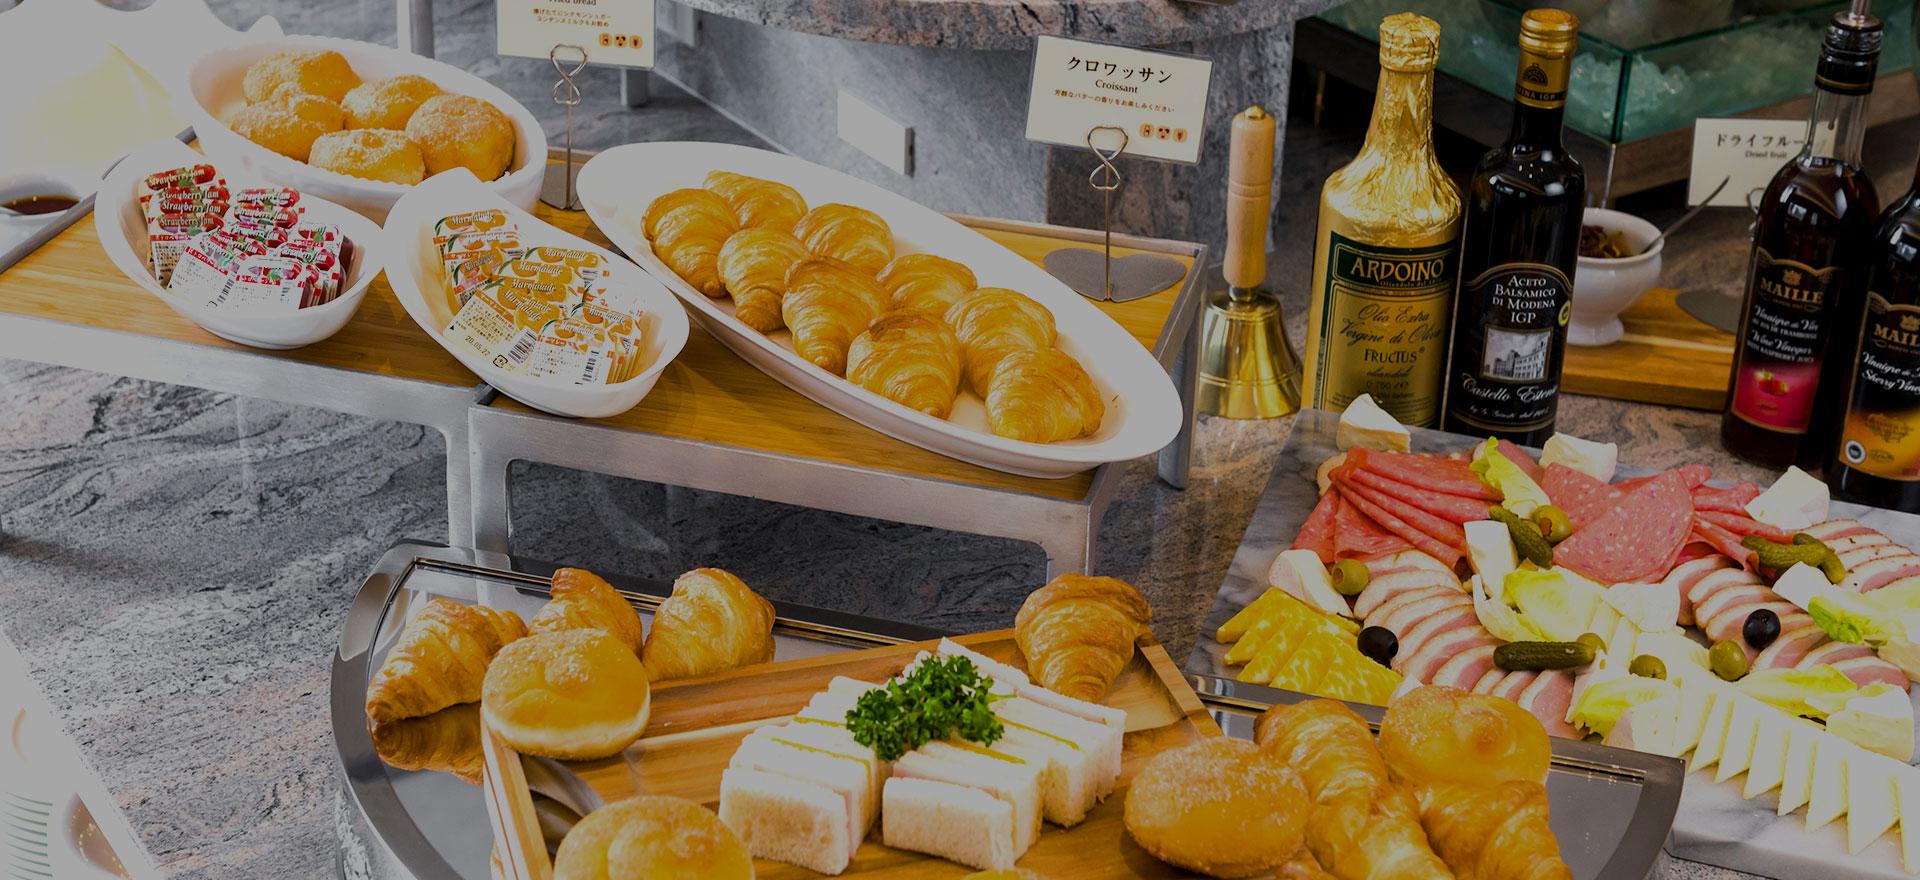 朝からうれしくなる種類豊富な朝食ブッフェや、全国ご当地メニューのランチセットをご用意。